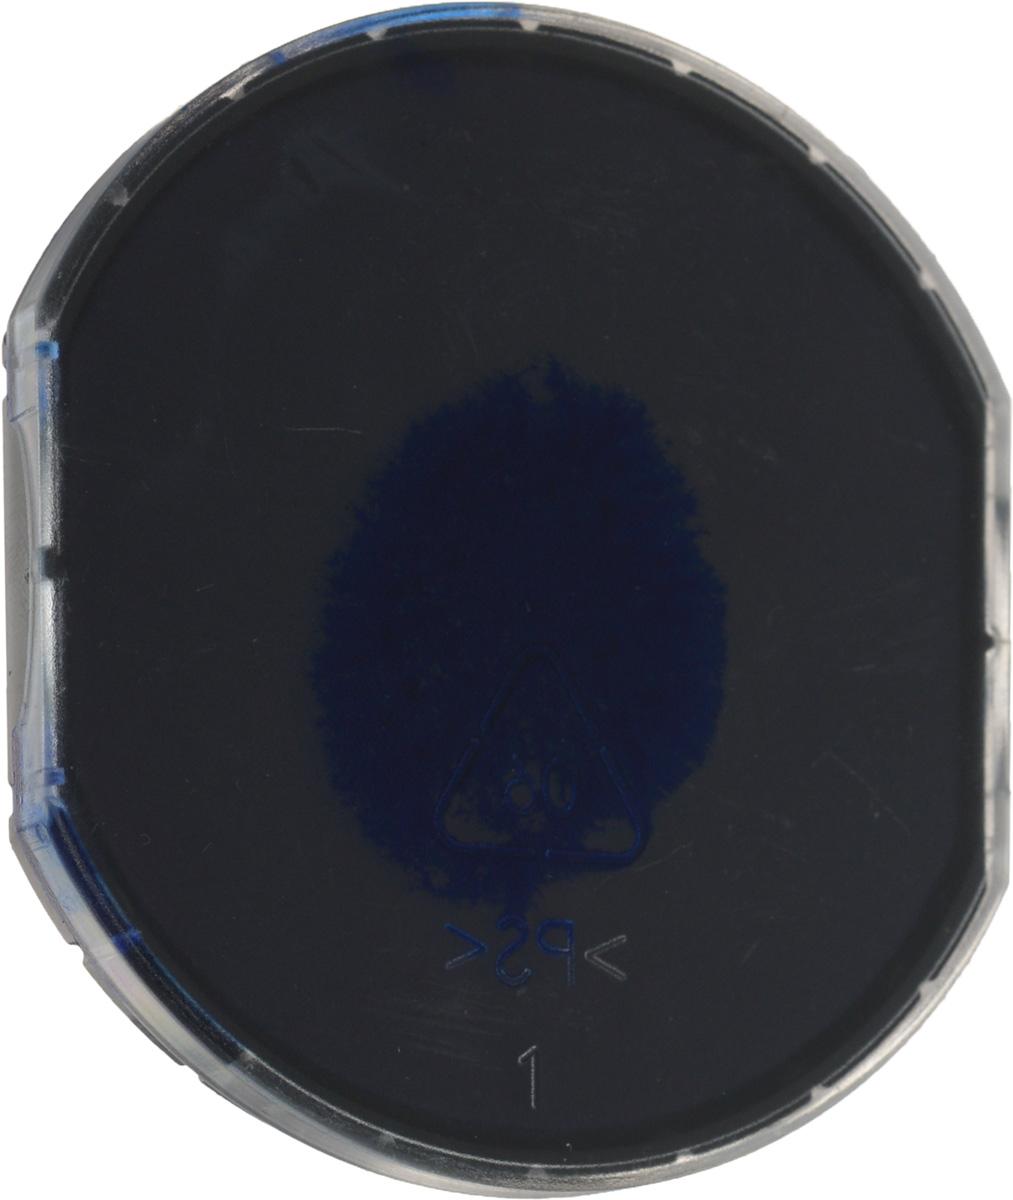 Colop Сменная штемпельная подушка E/R50 цвет синийFS-00897Сменная штемпельная подушка Colop E/R50 предназначена для продукции Colop. Произведена в Австрии с учетом требований российских и международных стандартов. Замена штемпельной подушки необходима при каждом изменении текста в штампе. Заправка штемпельной краской не рекомендуется. Гарантирует не менее 10 000 четких оттисков. Подходит для кода С10886, С10879, цвет краски - синий.